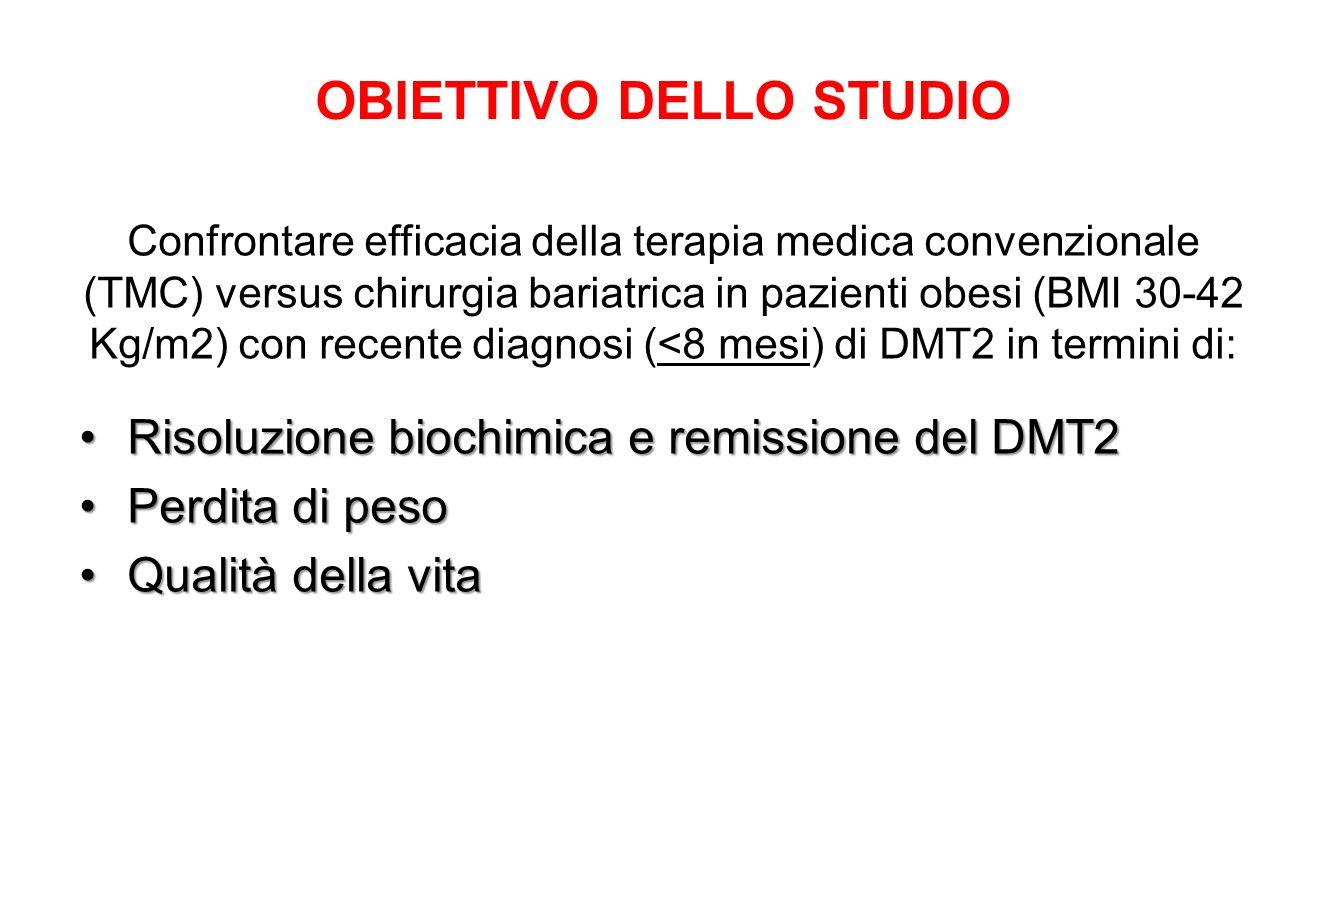 OBIETTIVO DELLO STUDIO Confrontare efficacia della terapia medica convenzionale (TMC) versus chirurgia bariatrica in pazienti obesi (BMI 30-42 Kg/m2)